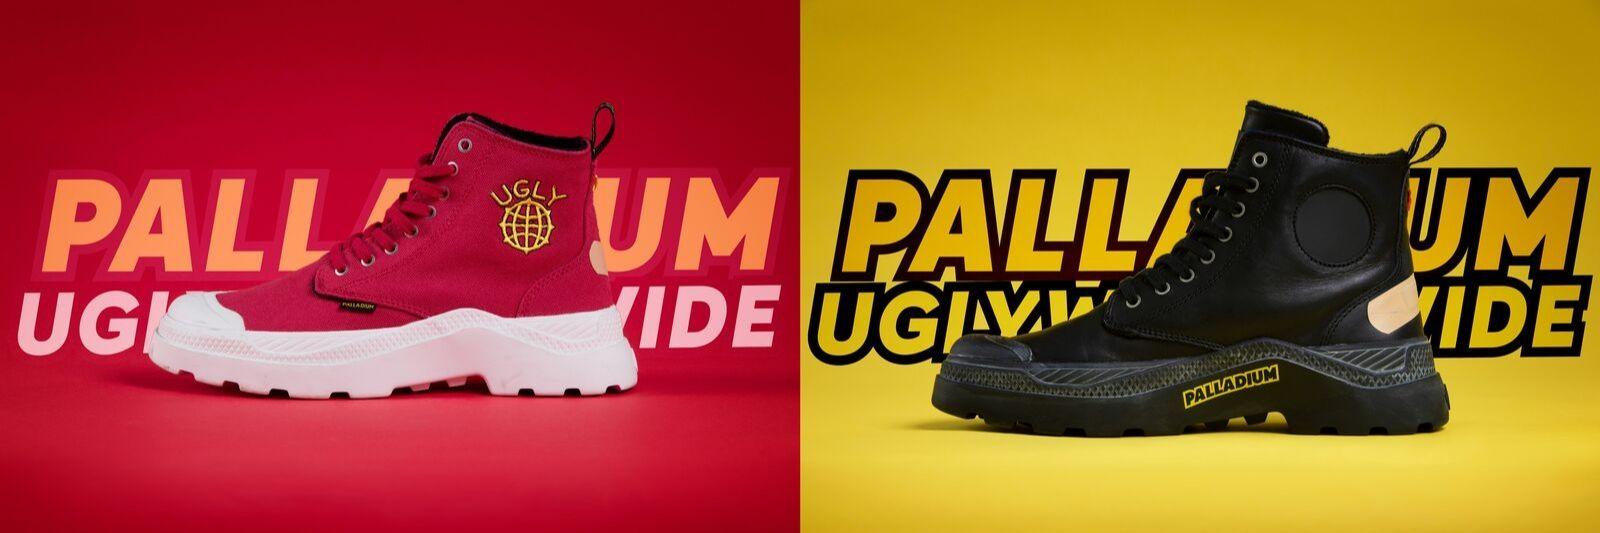 Palladium Pallalix x Jazzelle